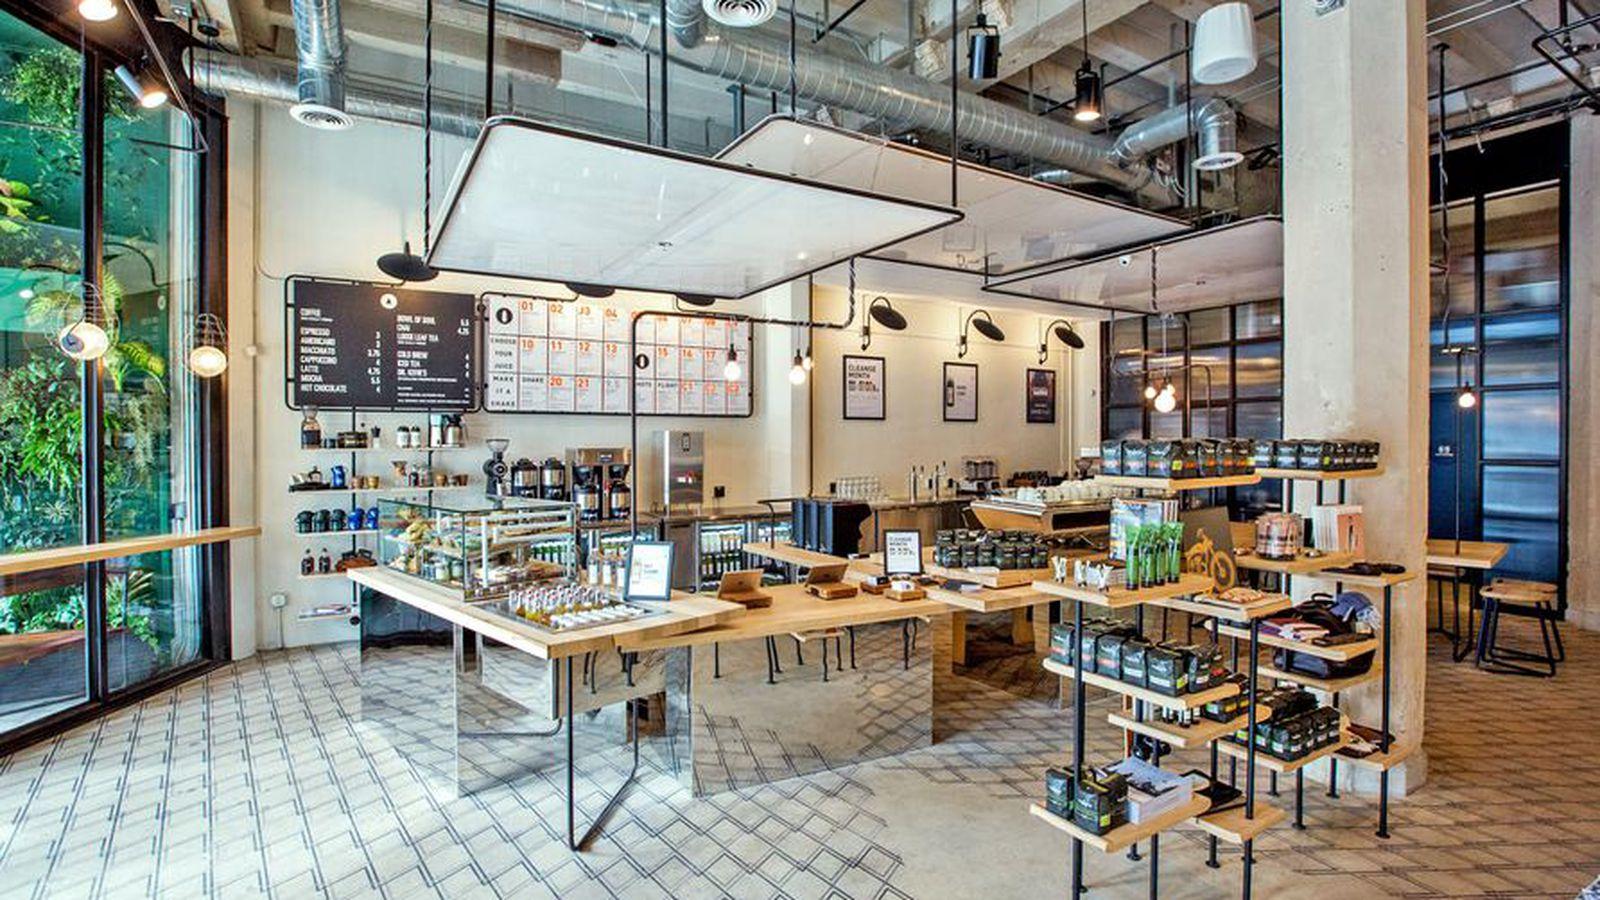 Best Coffee Shop Lodo Denver